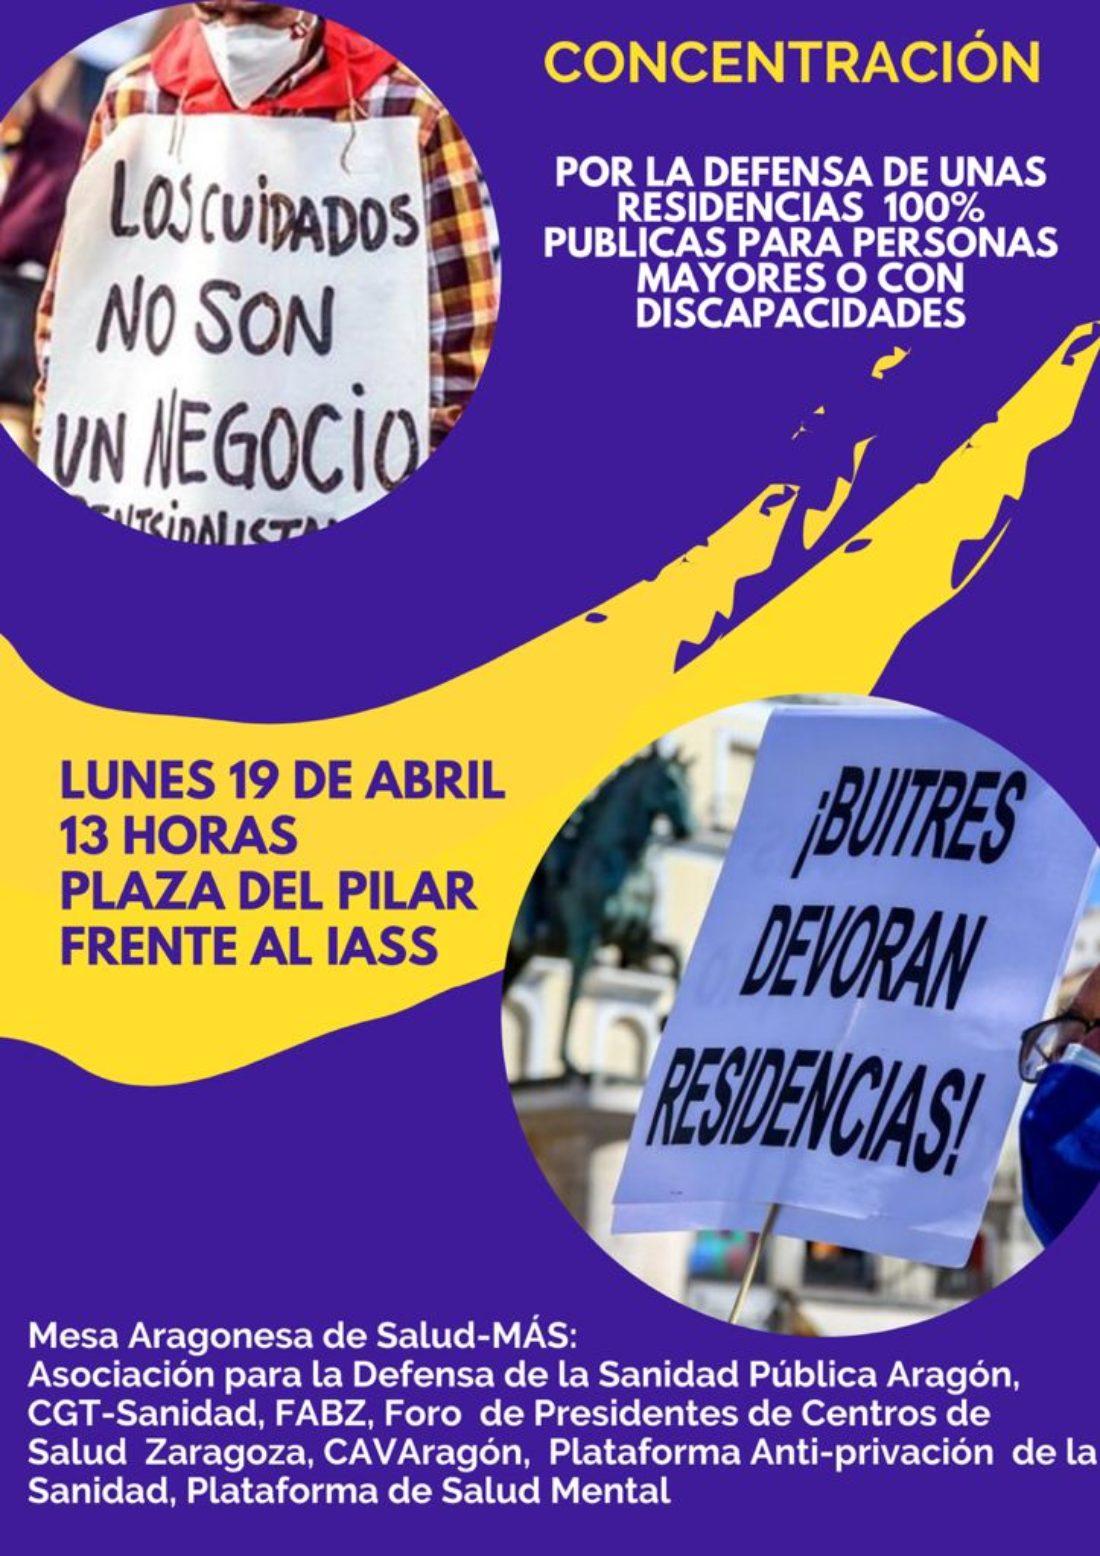 Concentración en defensa de las residencias públicas en Zaragoza